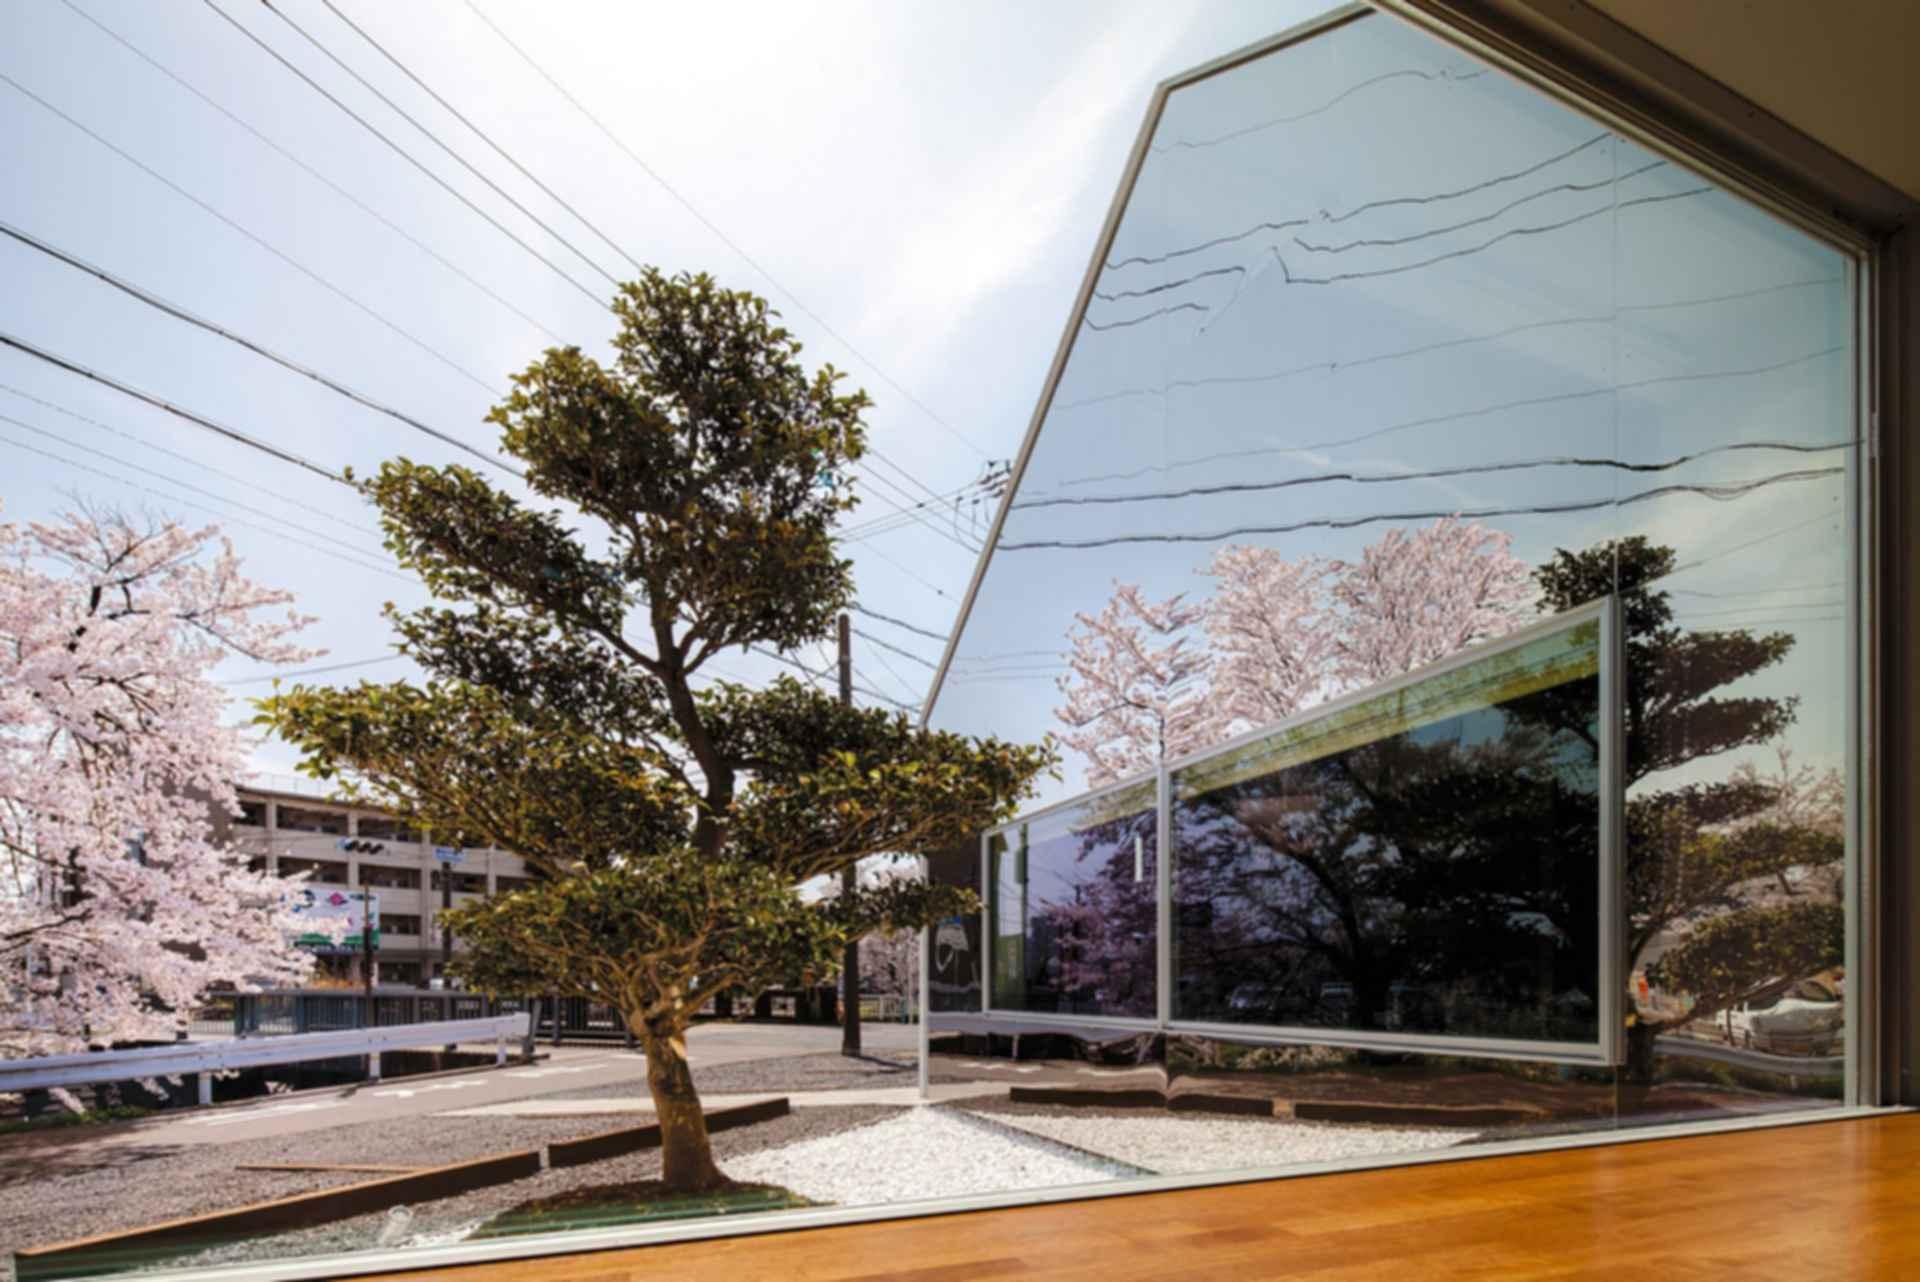 Mirror Cafe - Exterior